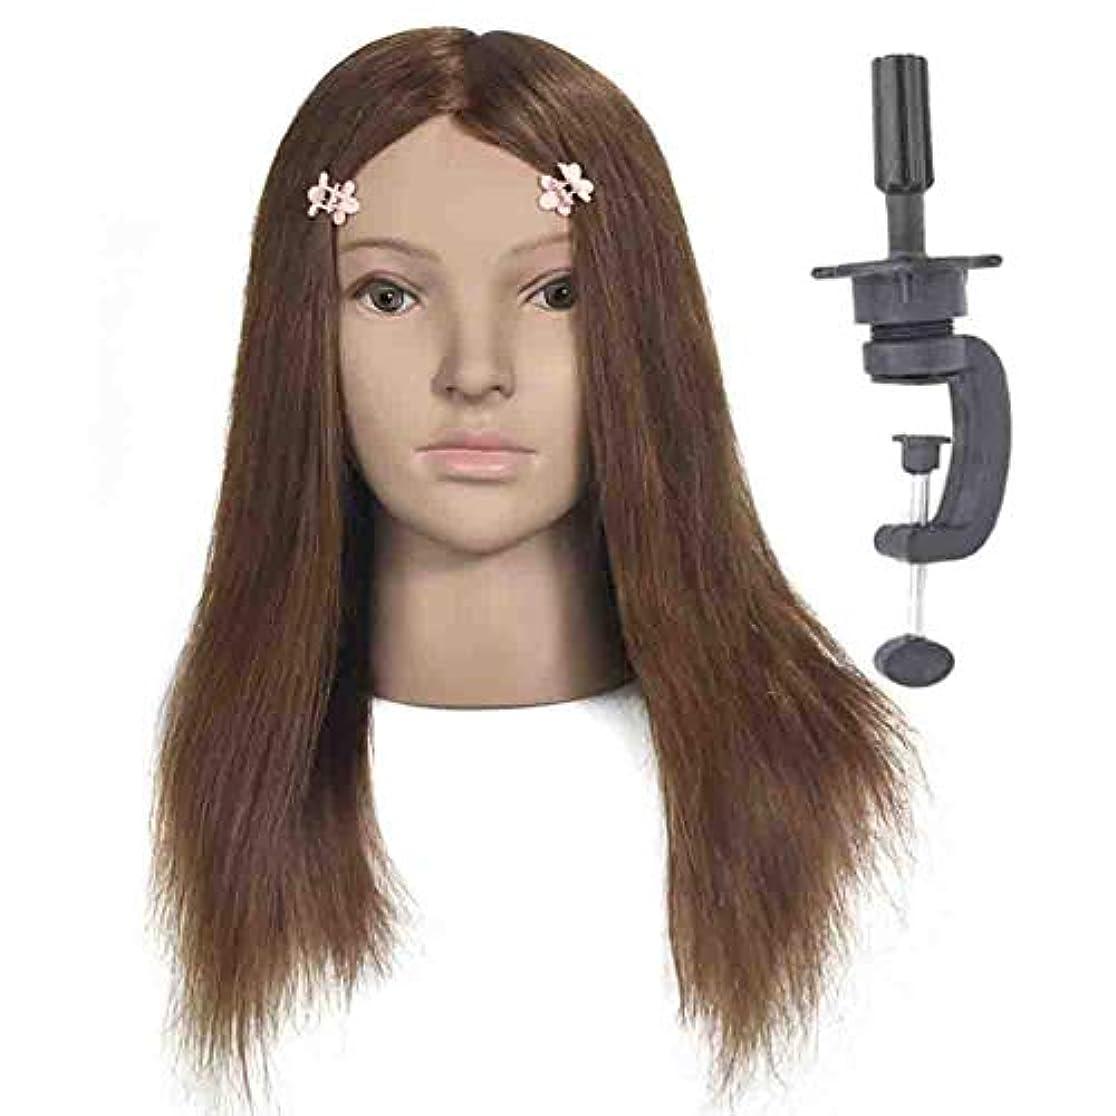 ディーラー寓話狐100%本物の髪型モデルヘッド花嫁ヘアエクササイズヘッド金型理髪店学習ダミーヘッドはパーマ毛髪染料することができます